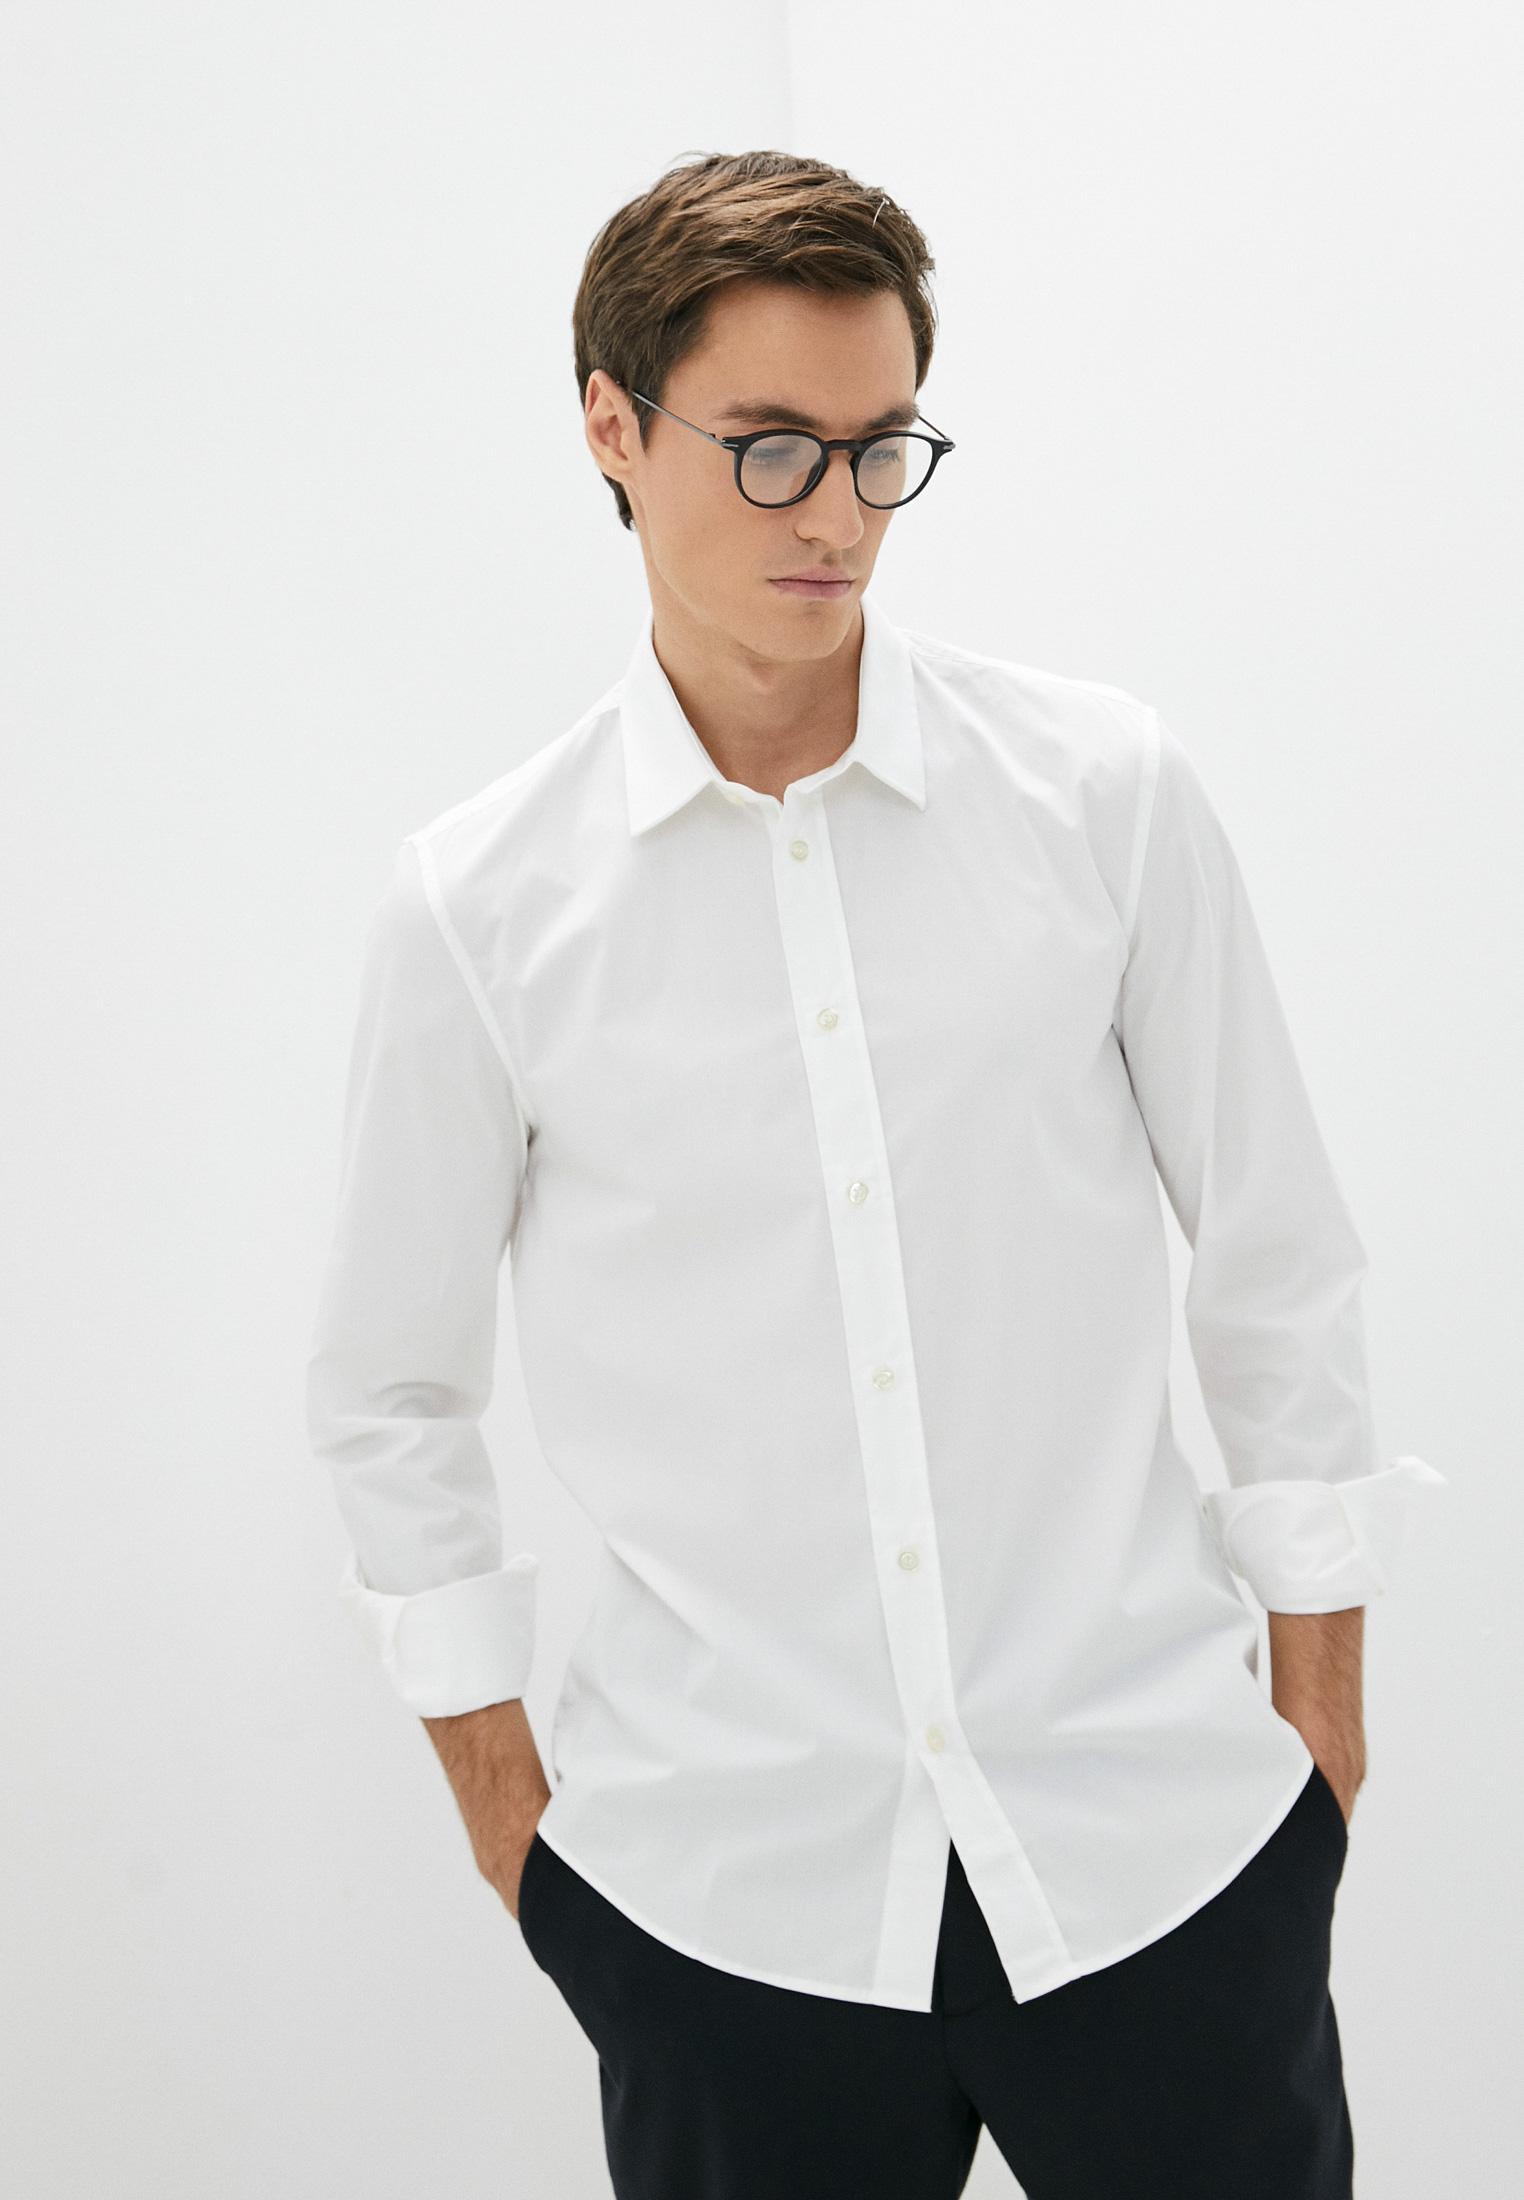 Рубашка с длинным рукавом Bikkembergs (Биккембергс) C C 009 7V S 2931